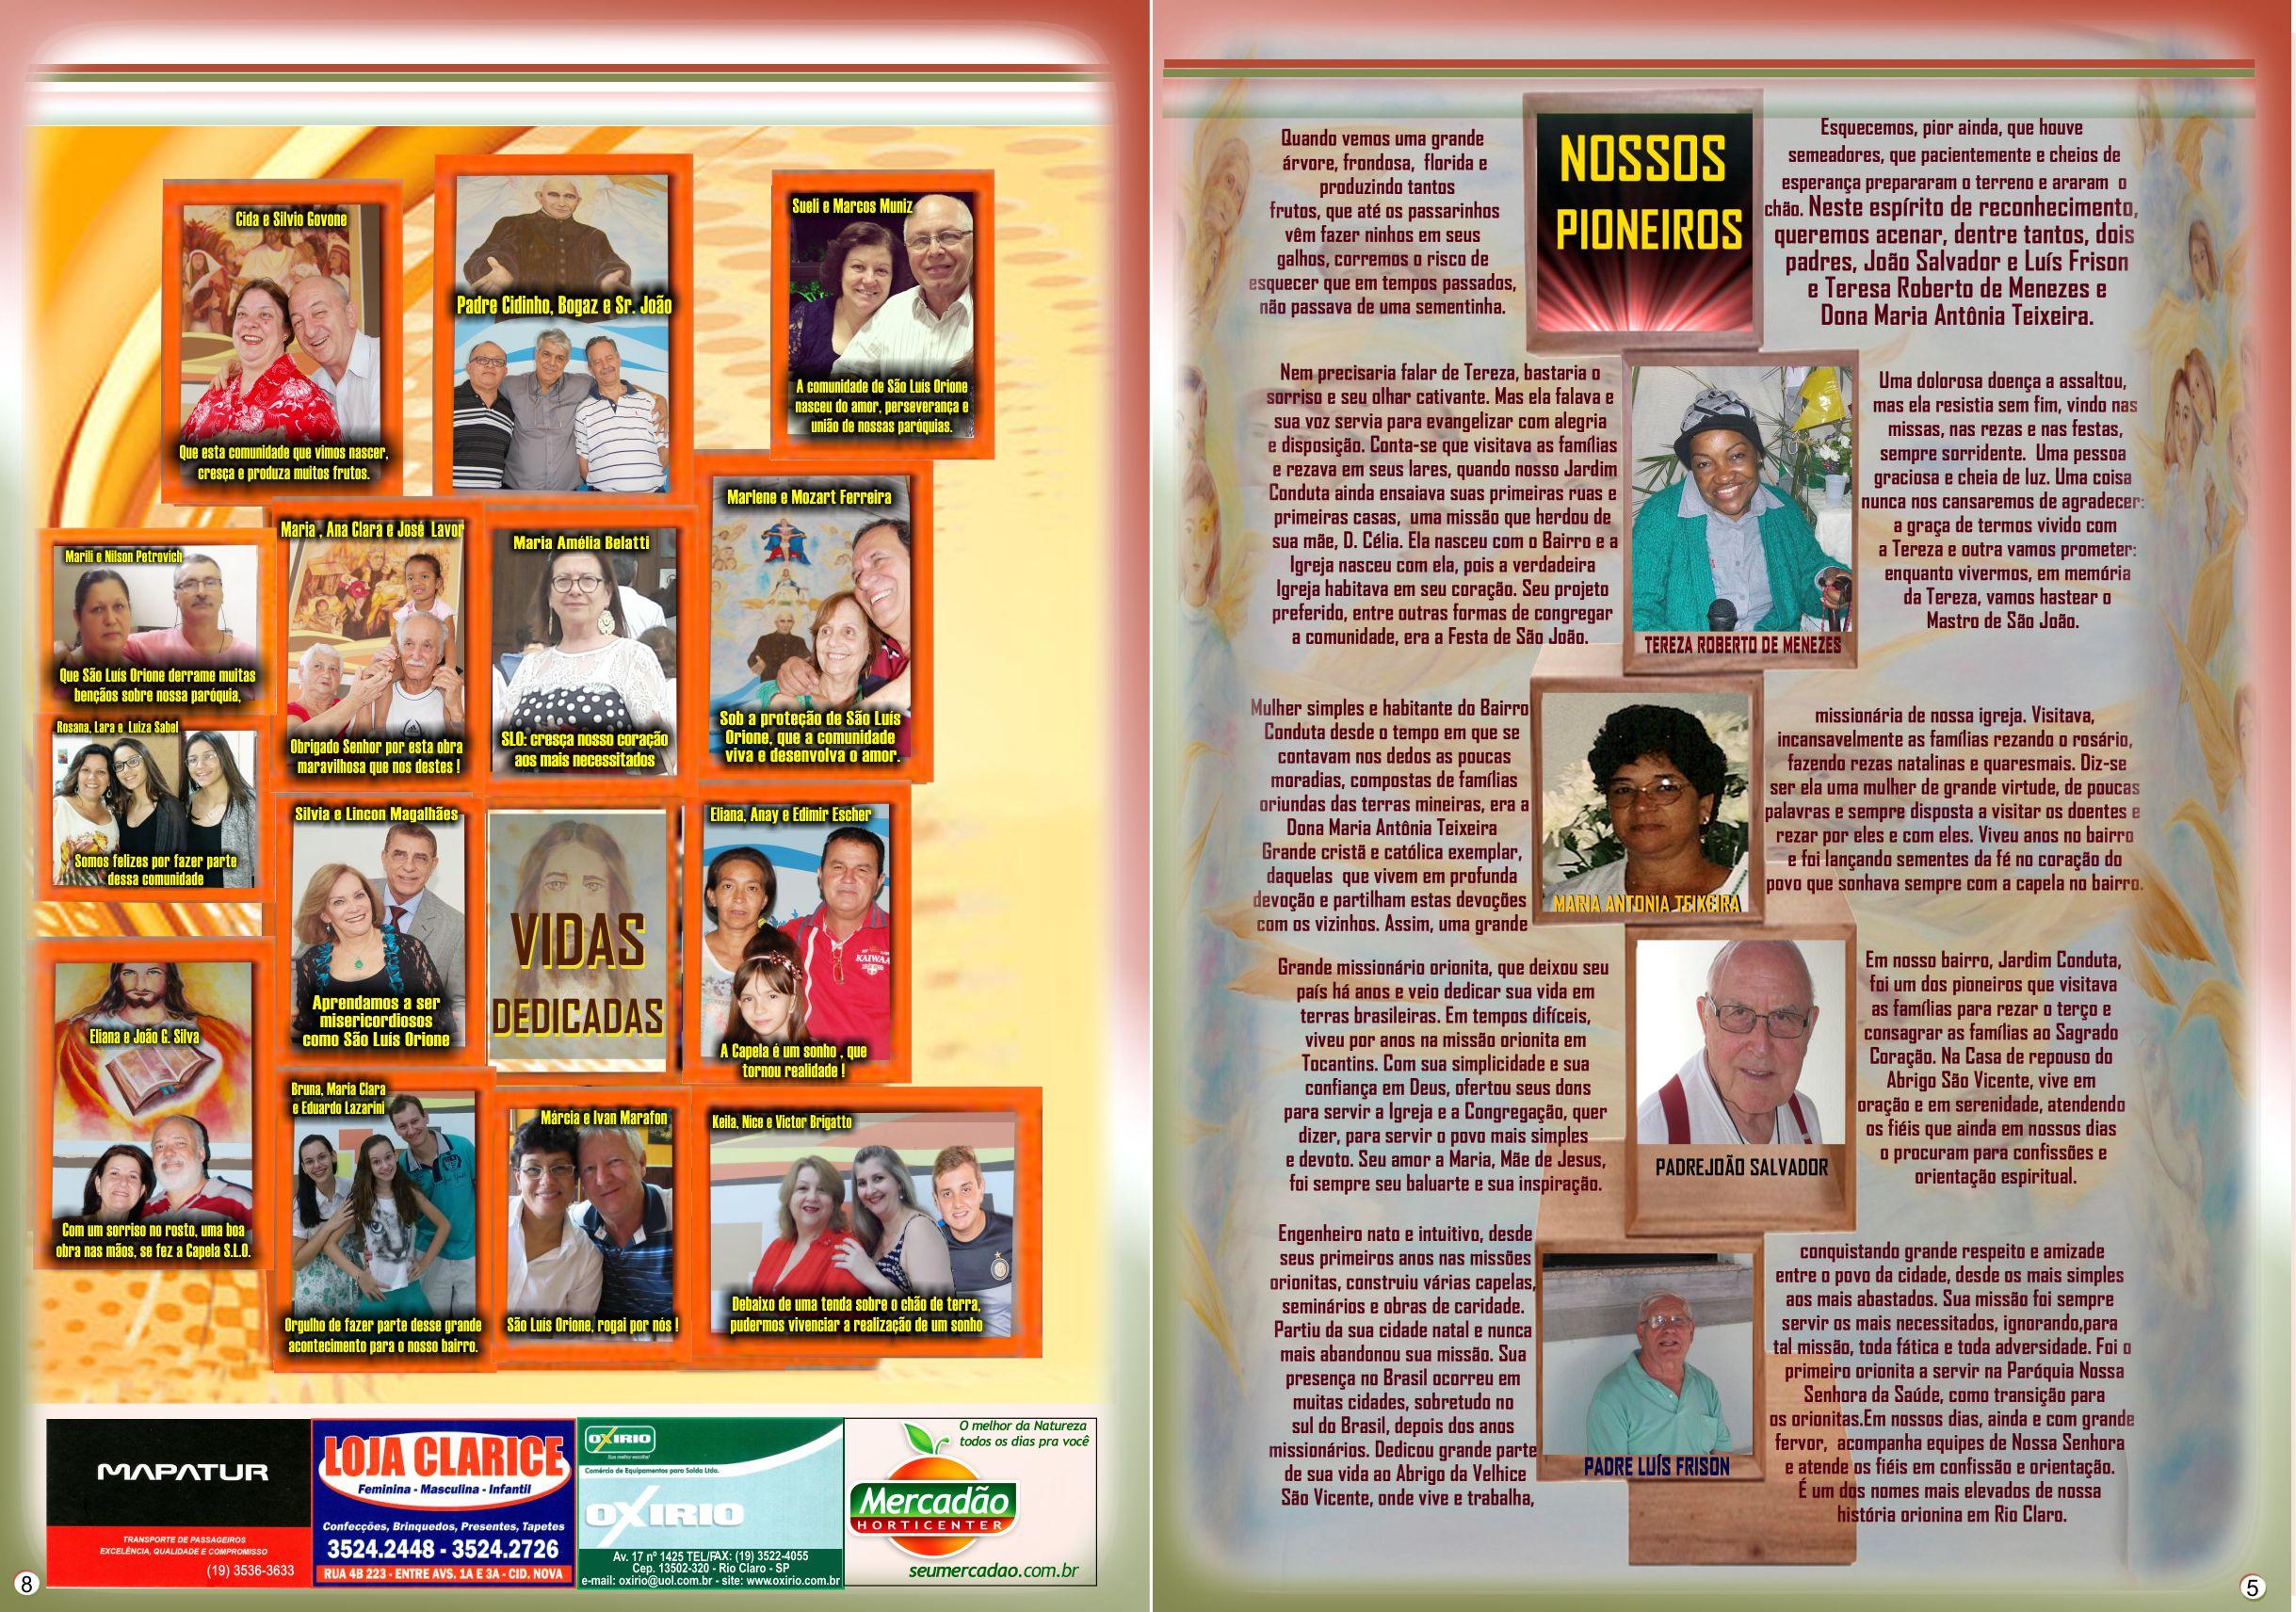 Pagina_5_8 (1)